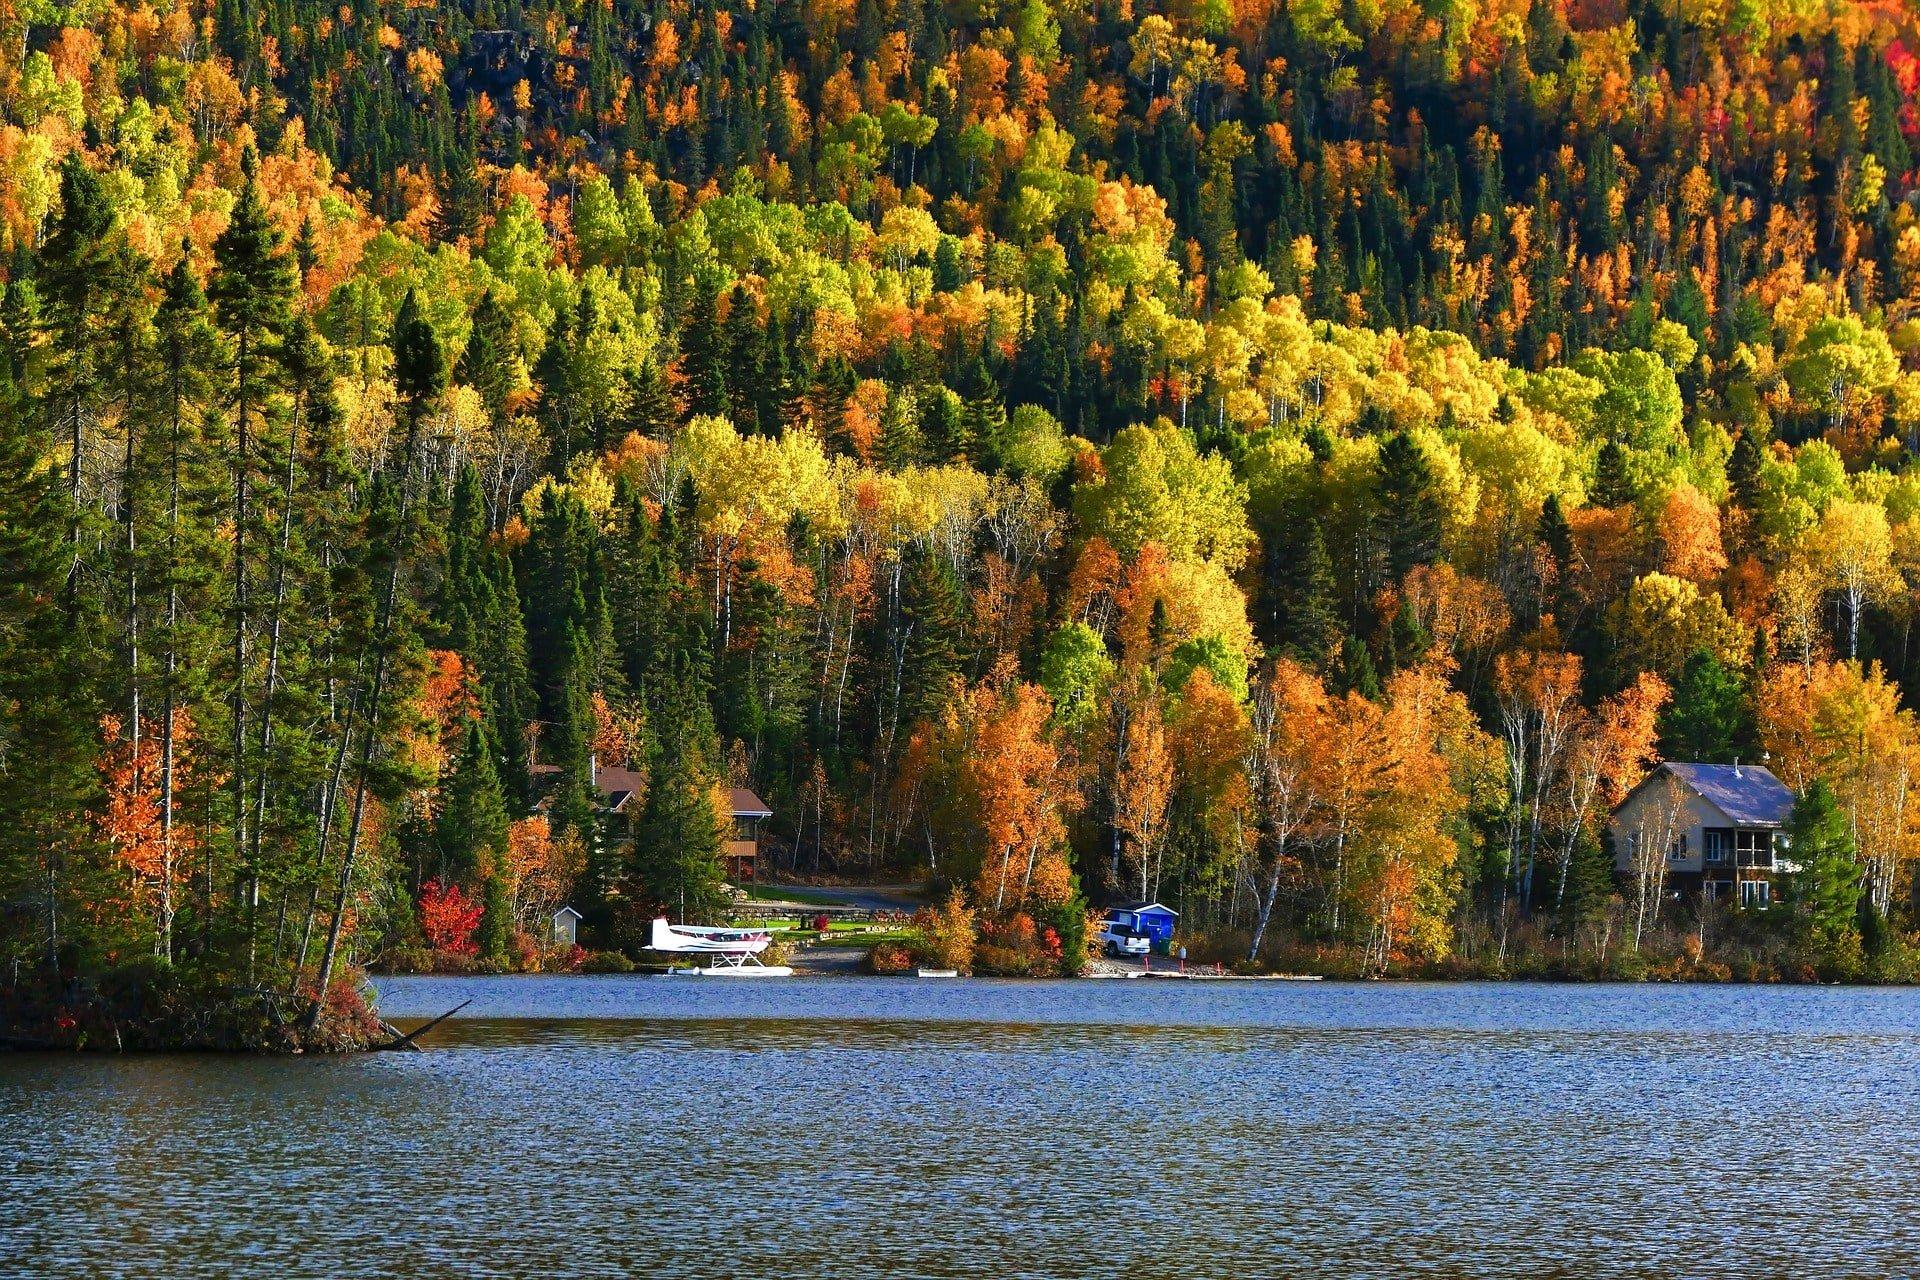 foret devant un lac au quebec au canada voyage en famille